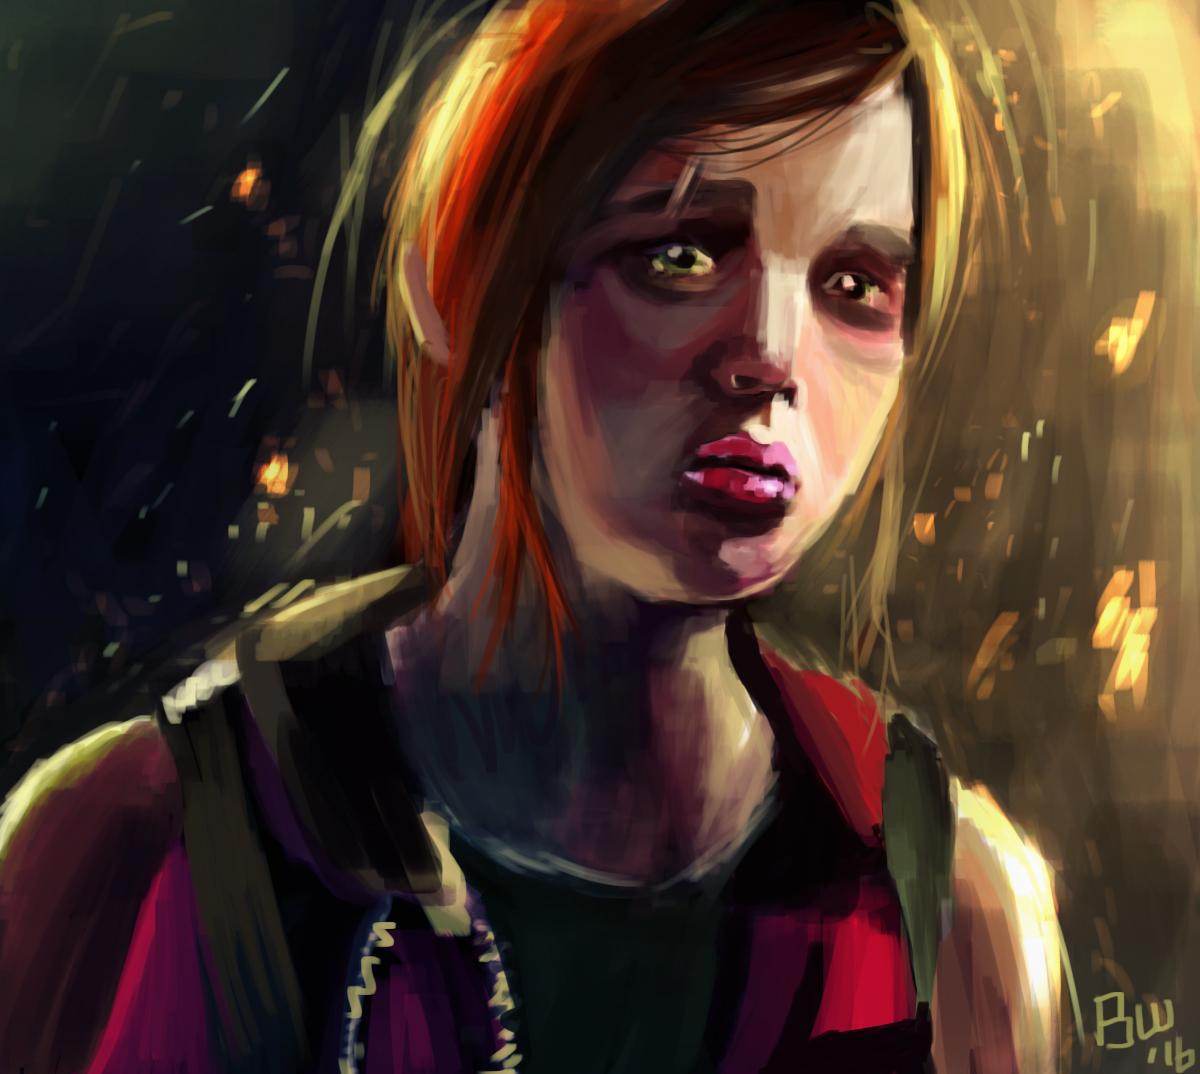 Messy Ellie